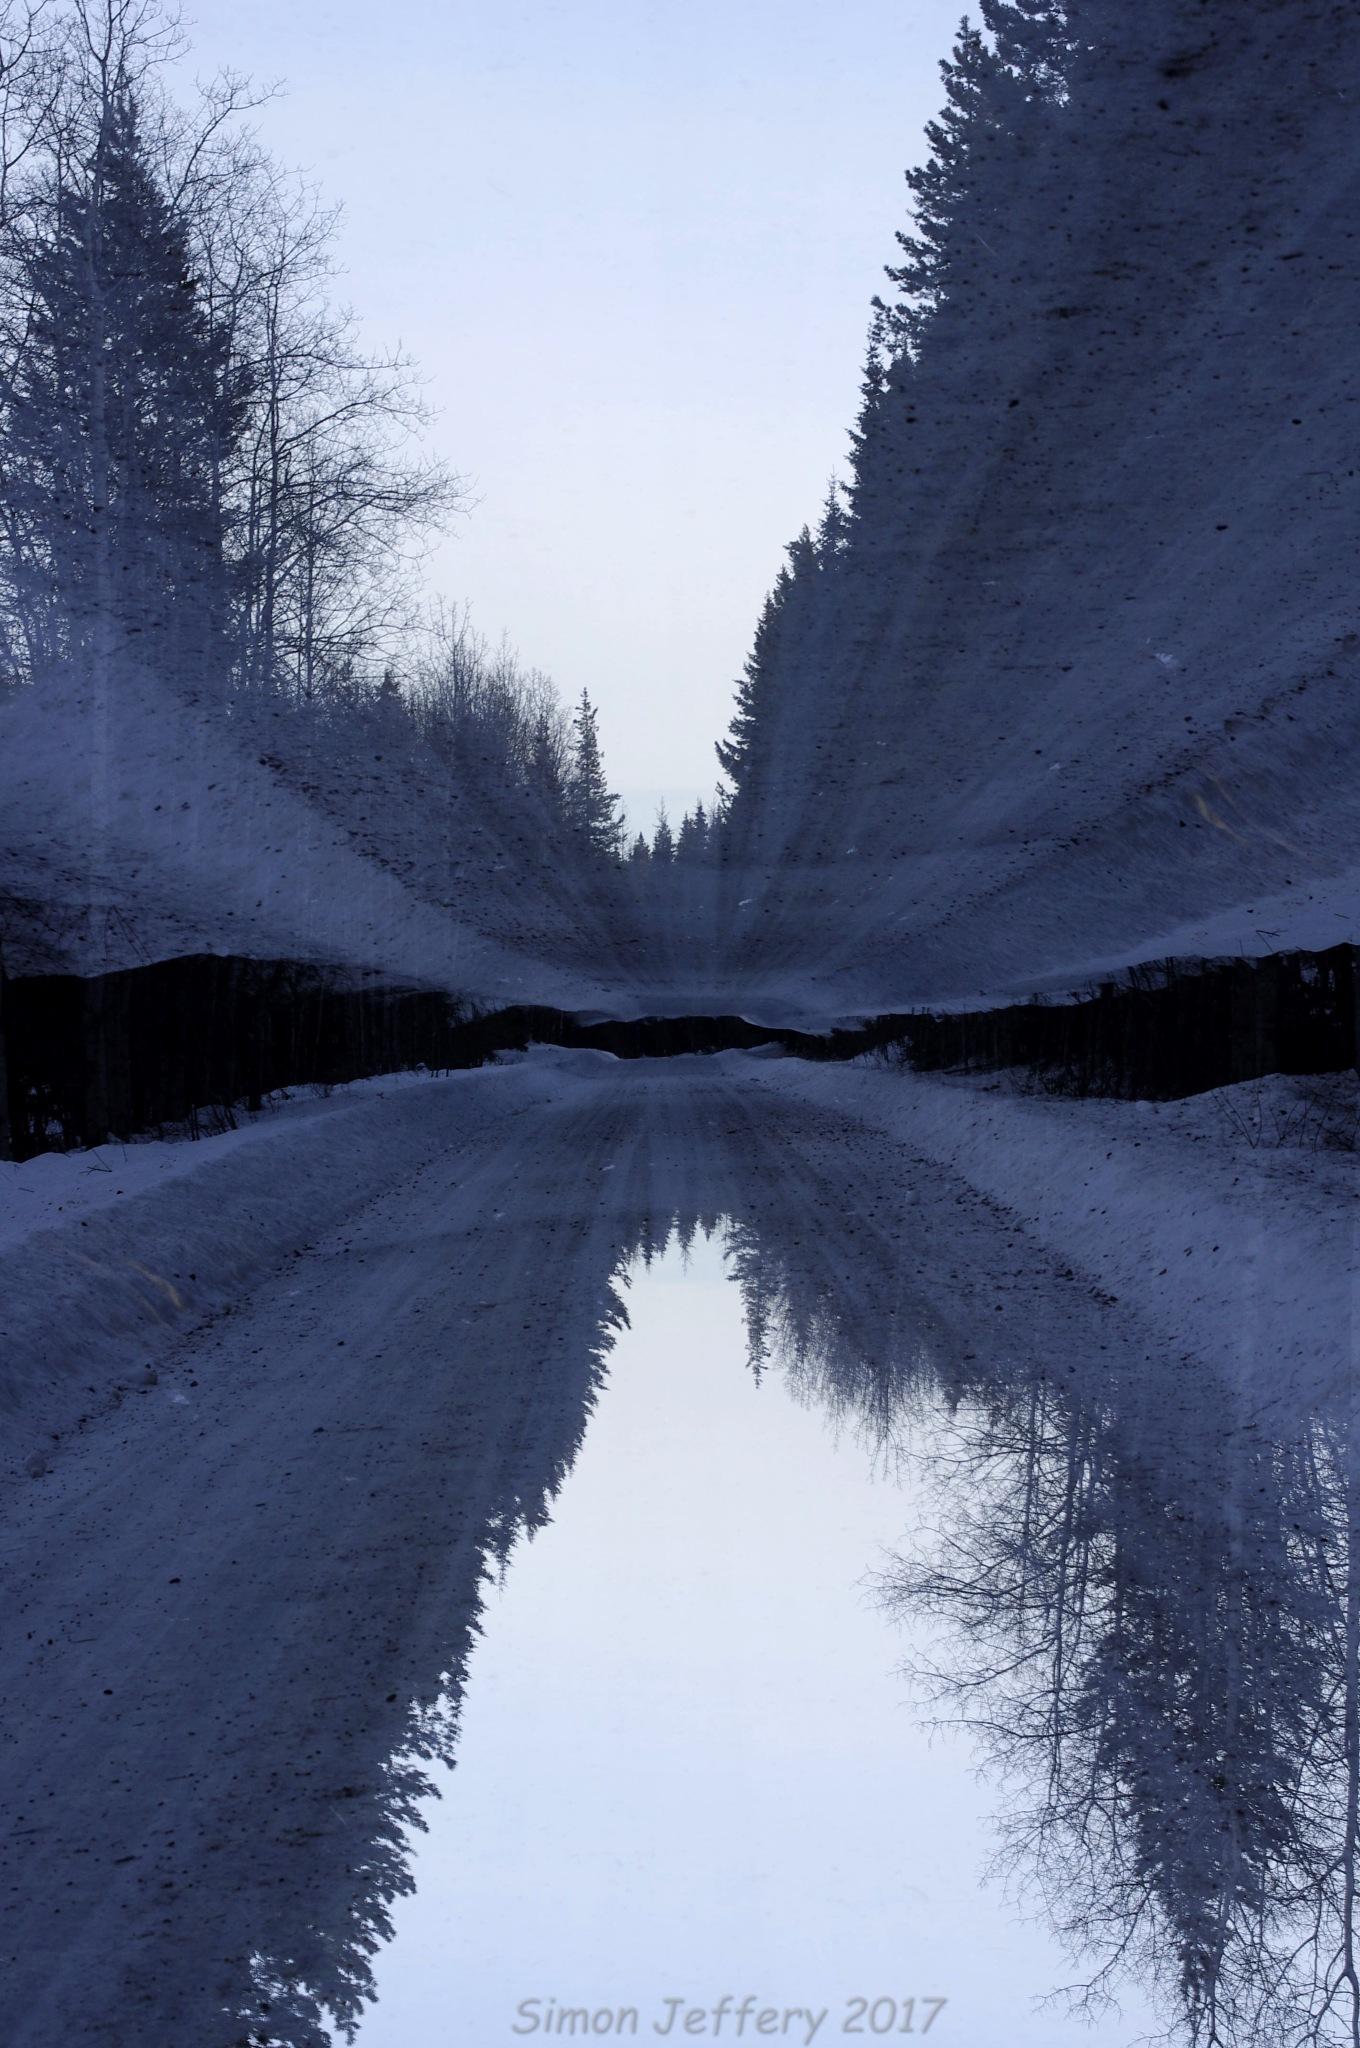 Double exposure by Simon Jeffery